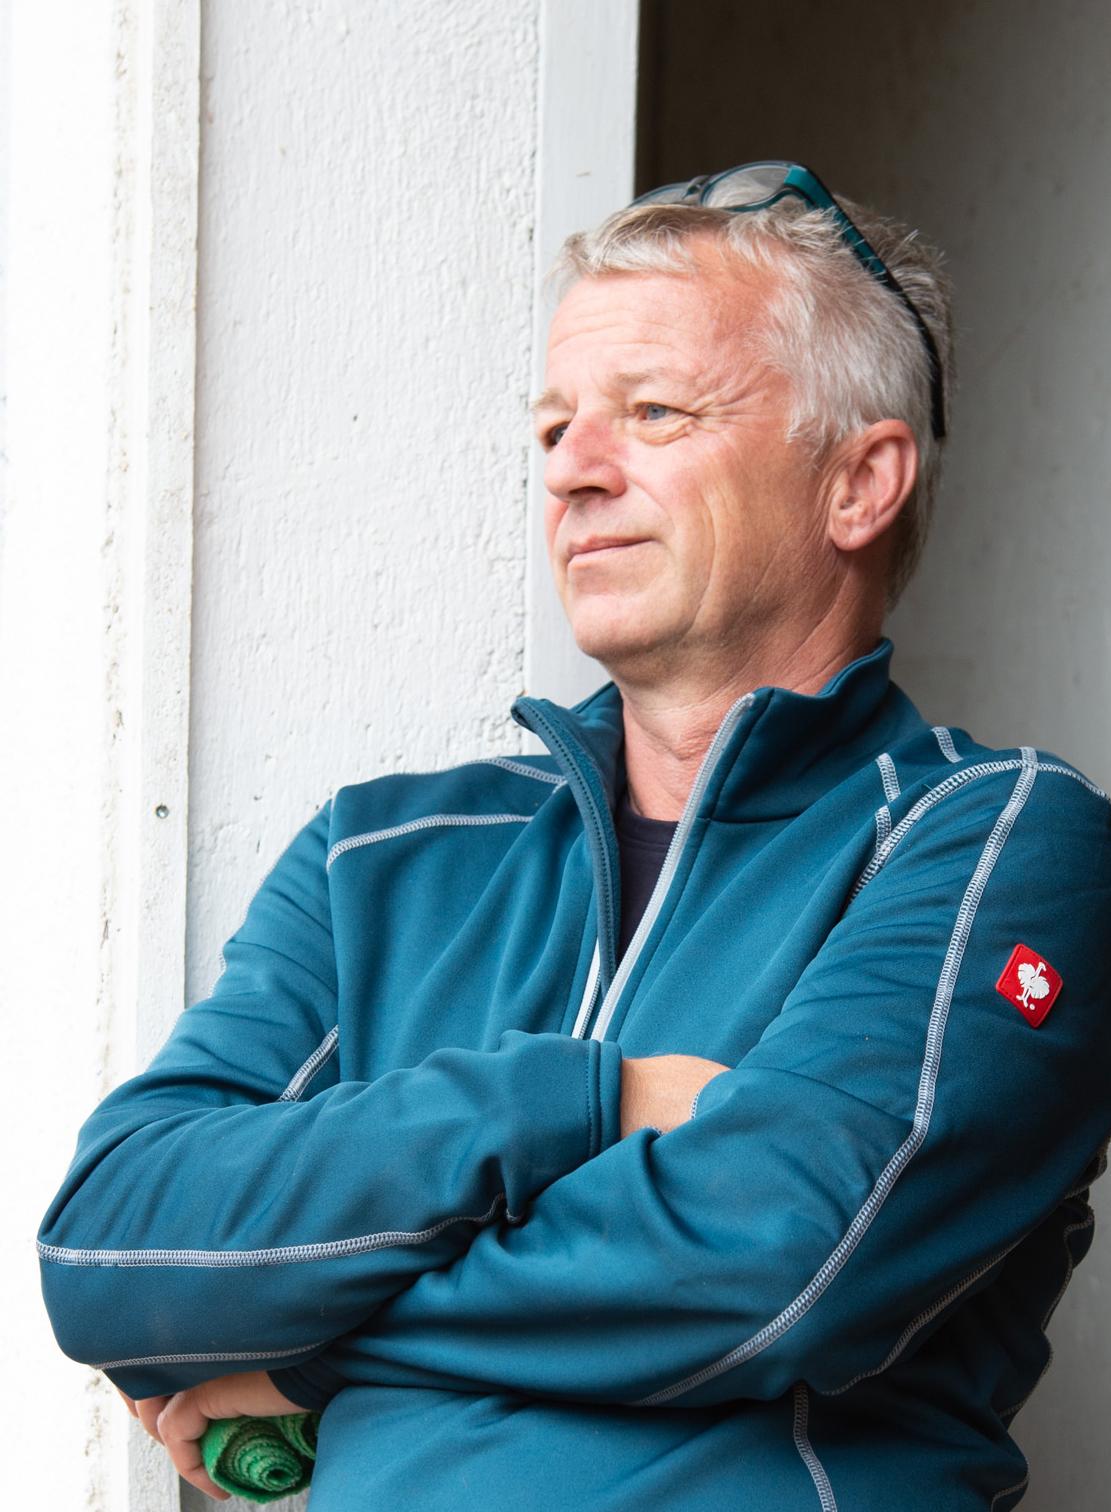 Jochen Lill